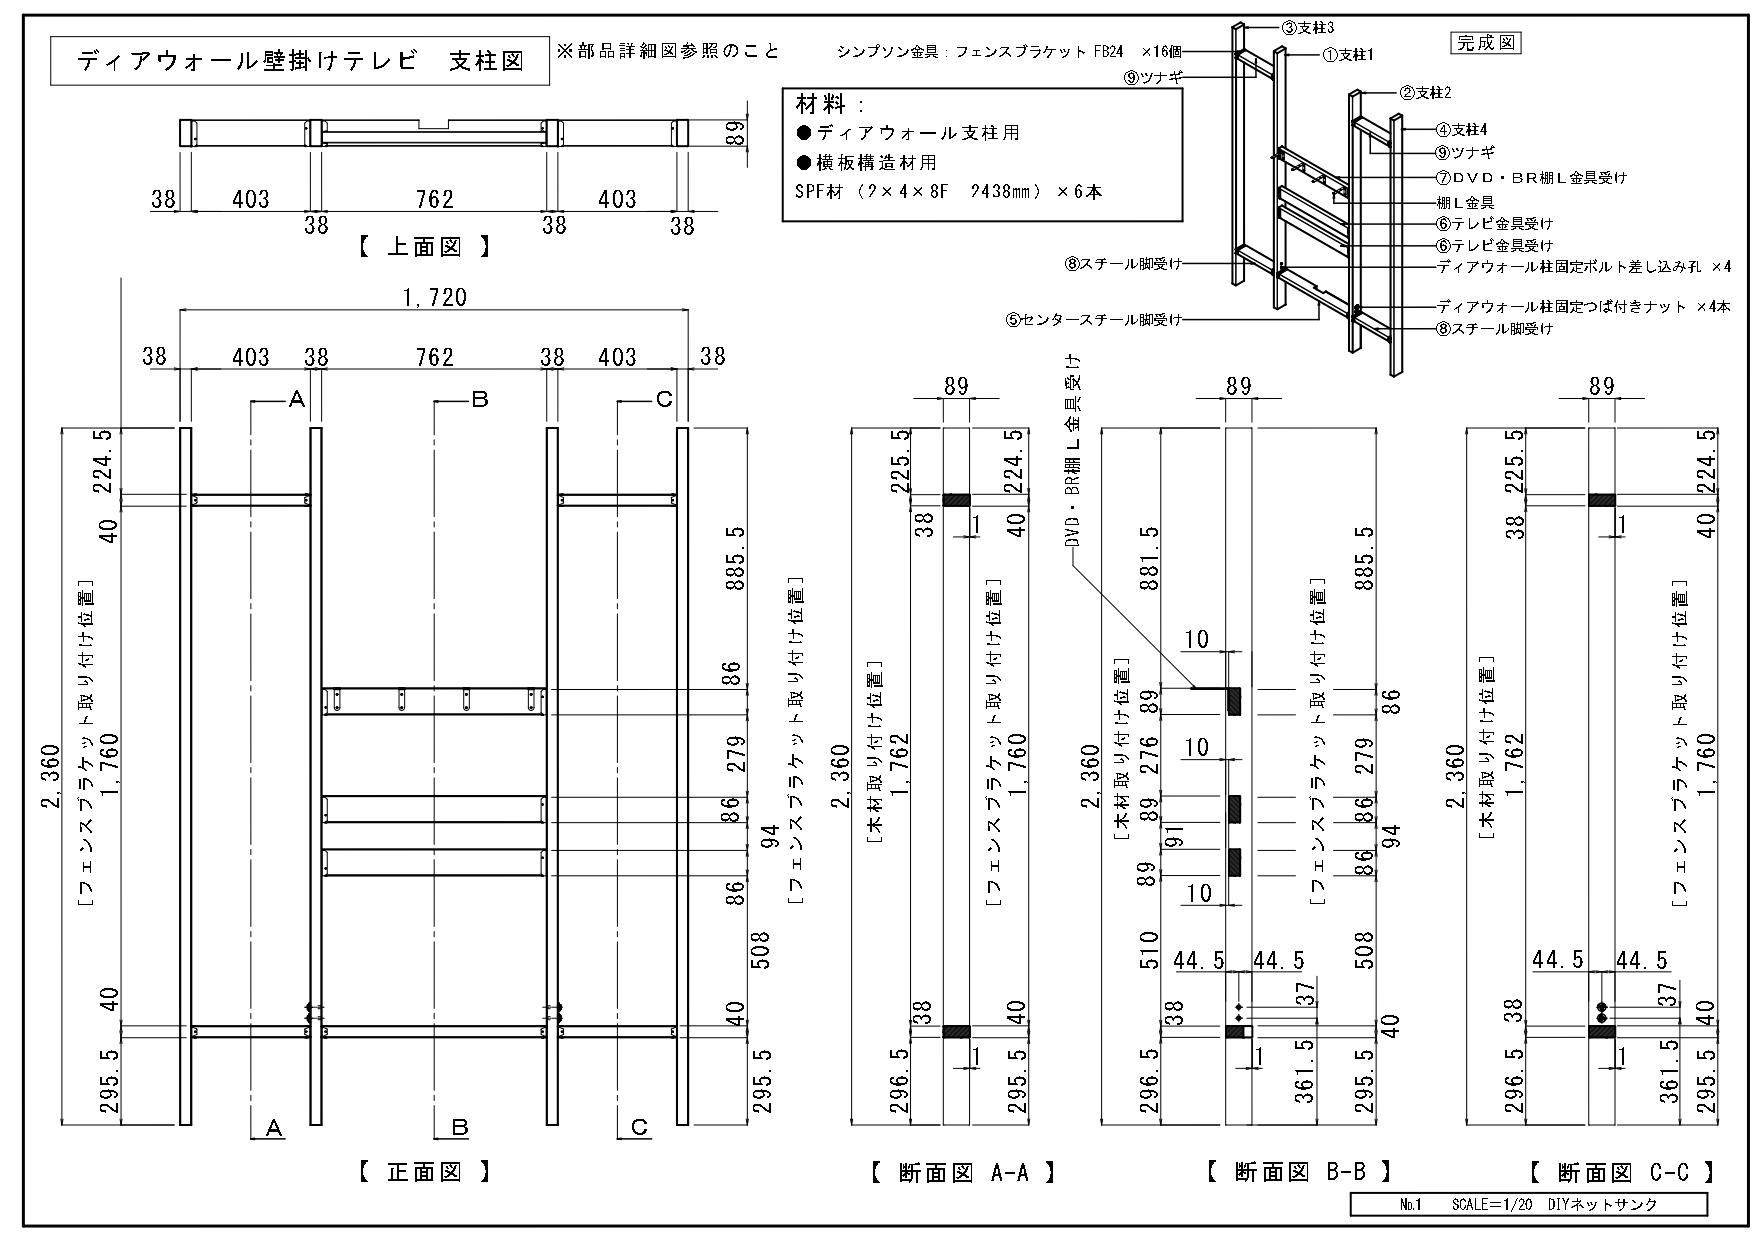 1 ディアウォール壁掛けテレビ支柱アセンブリ図面